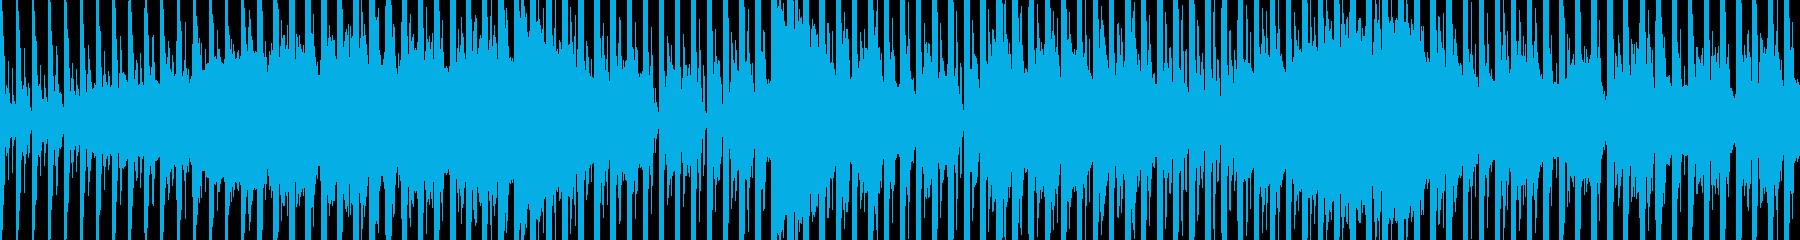 シネマチックで近未来的 EDM ループの再生済みの波形